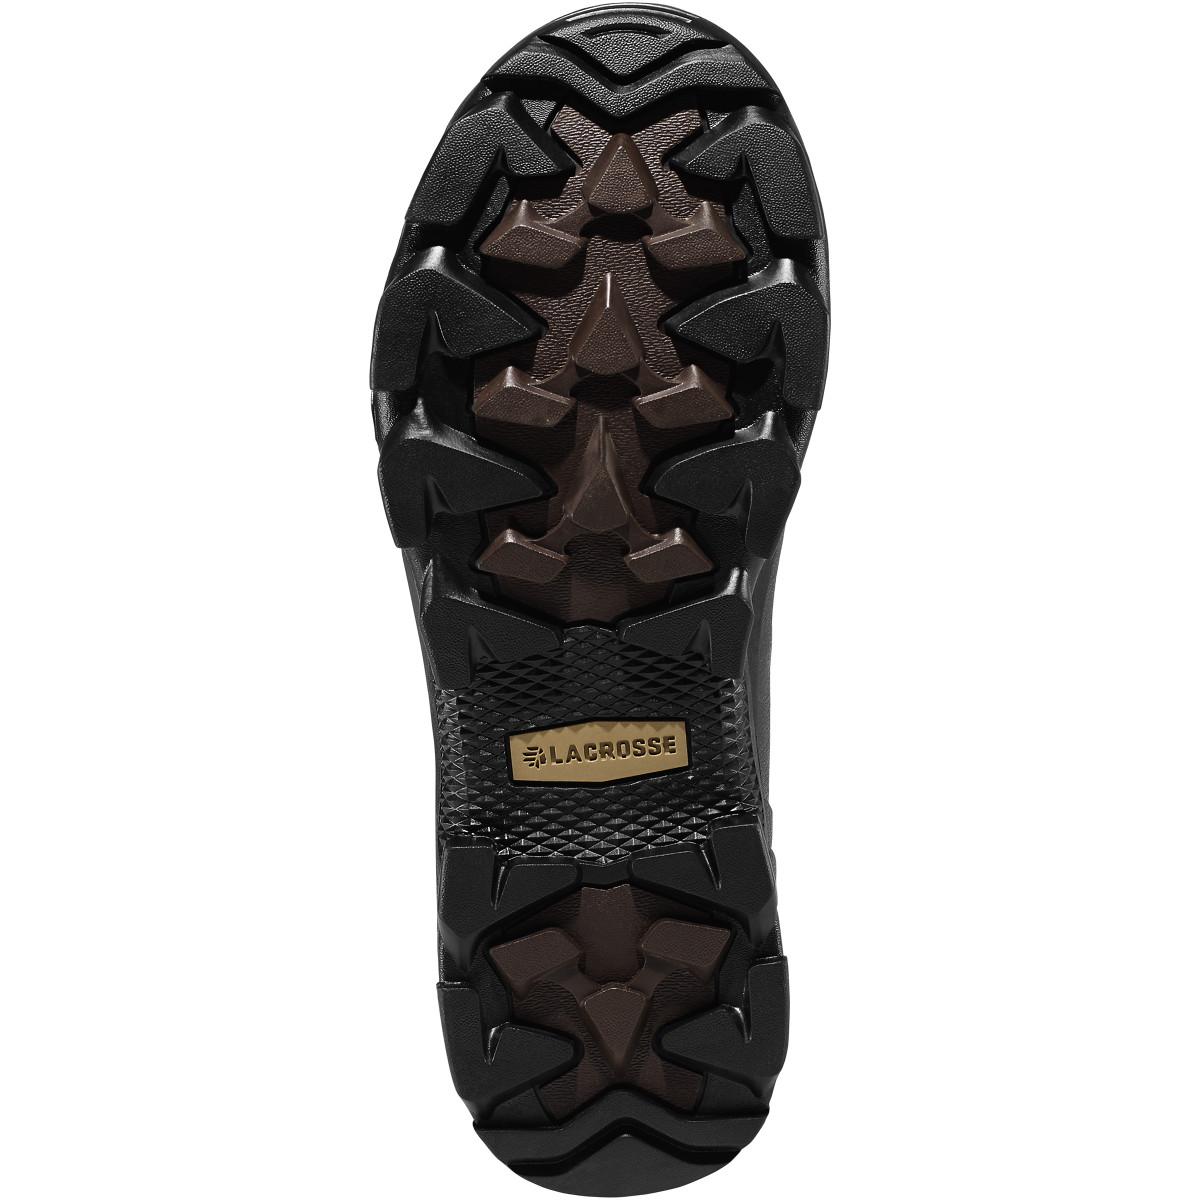 4xAlpha Snake Boot 16